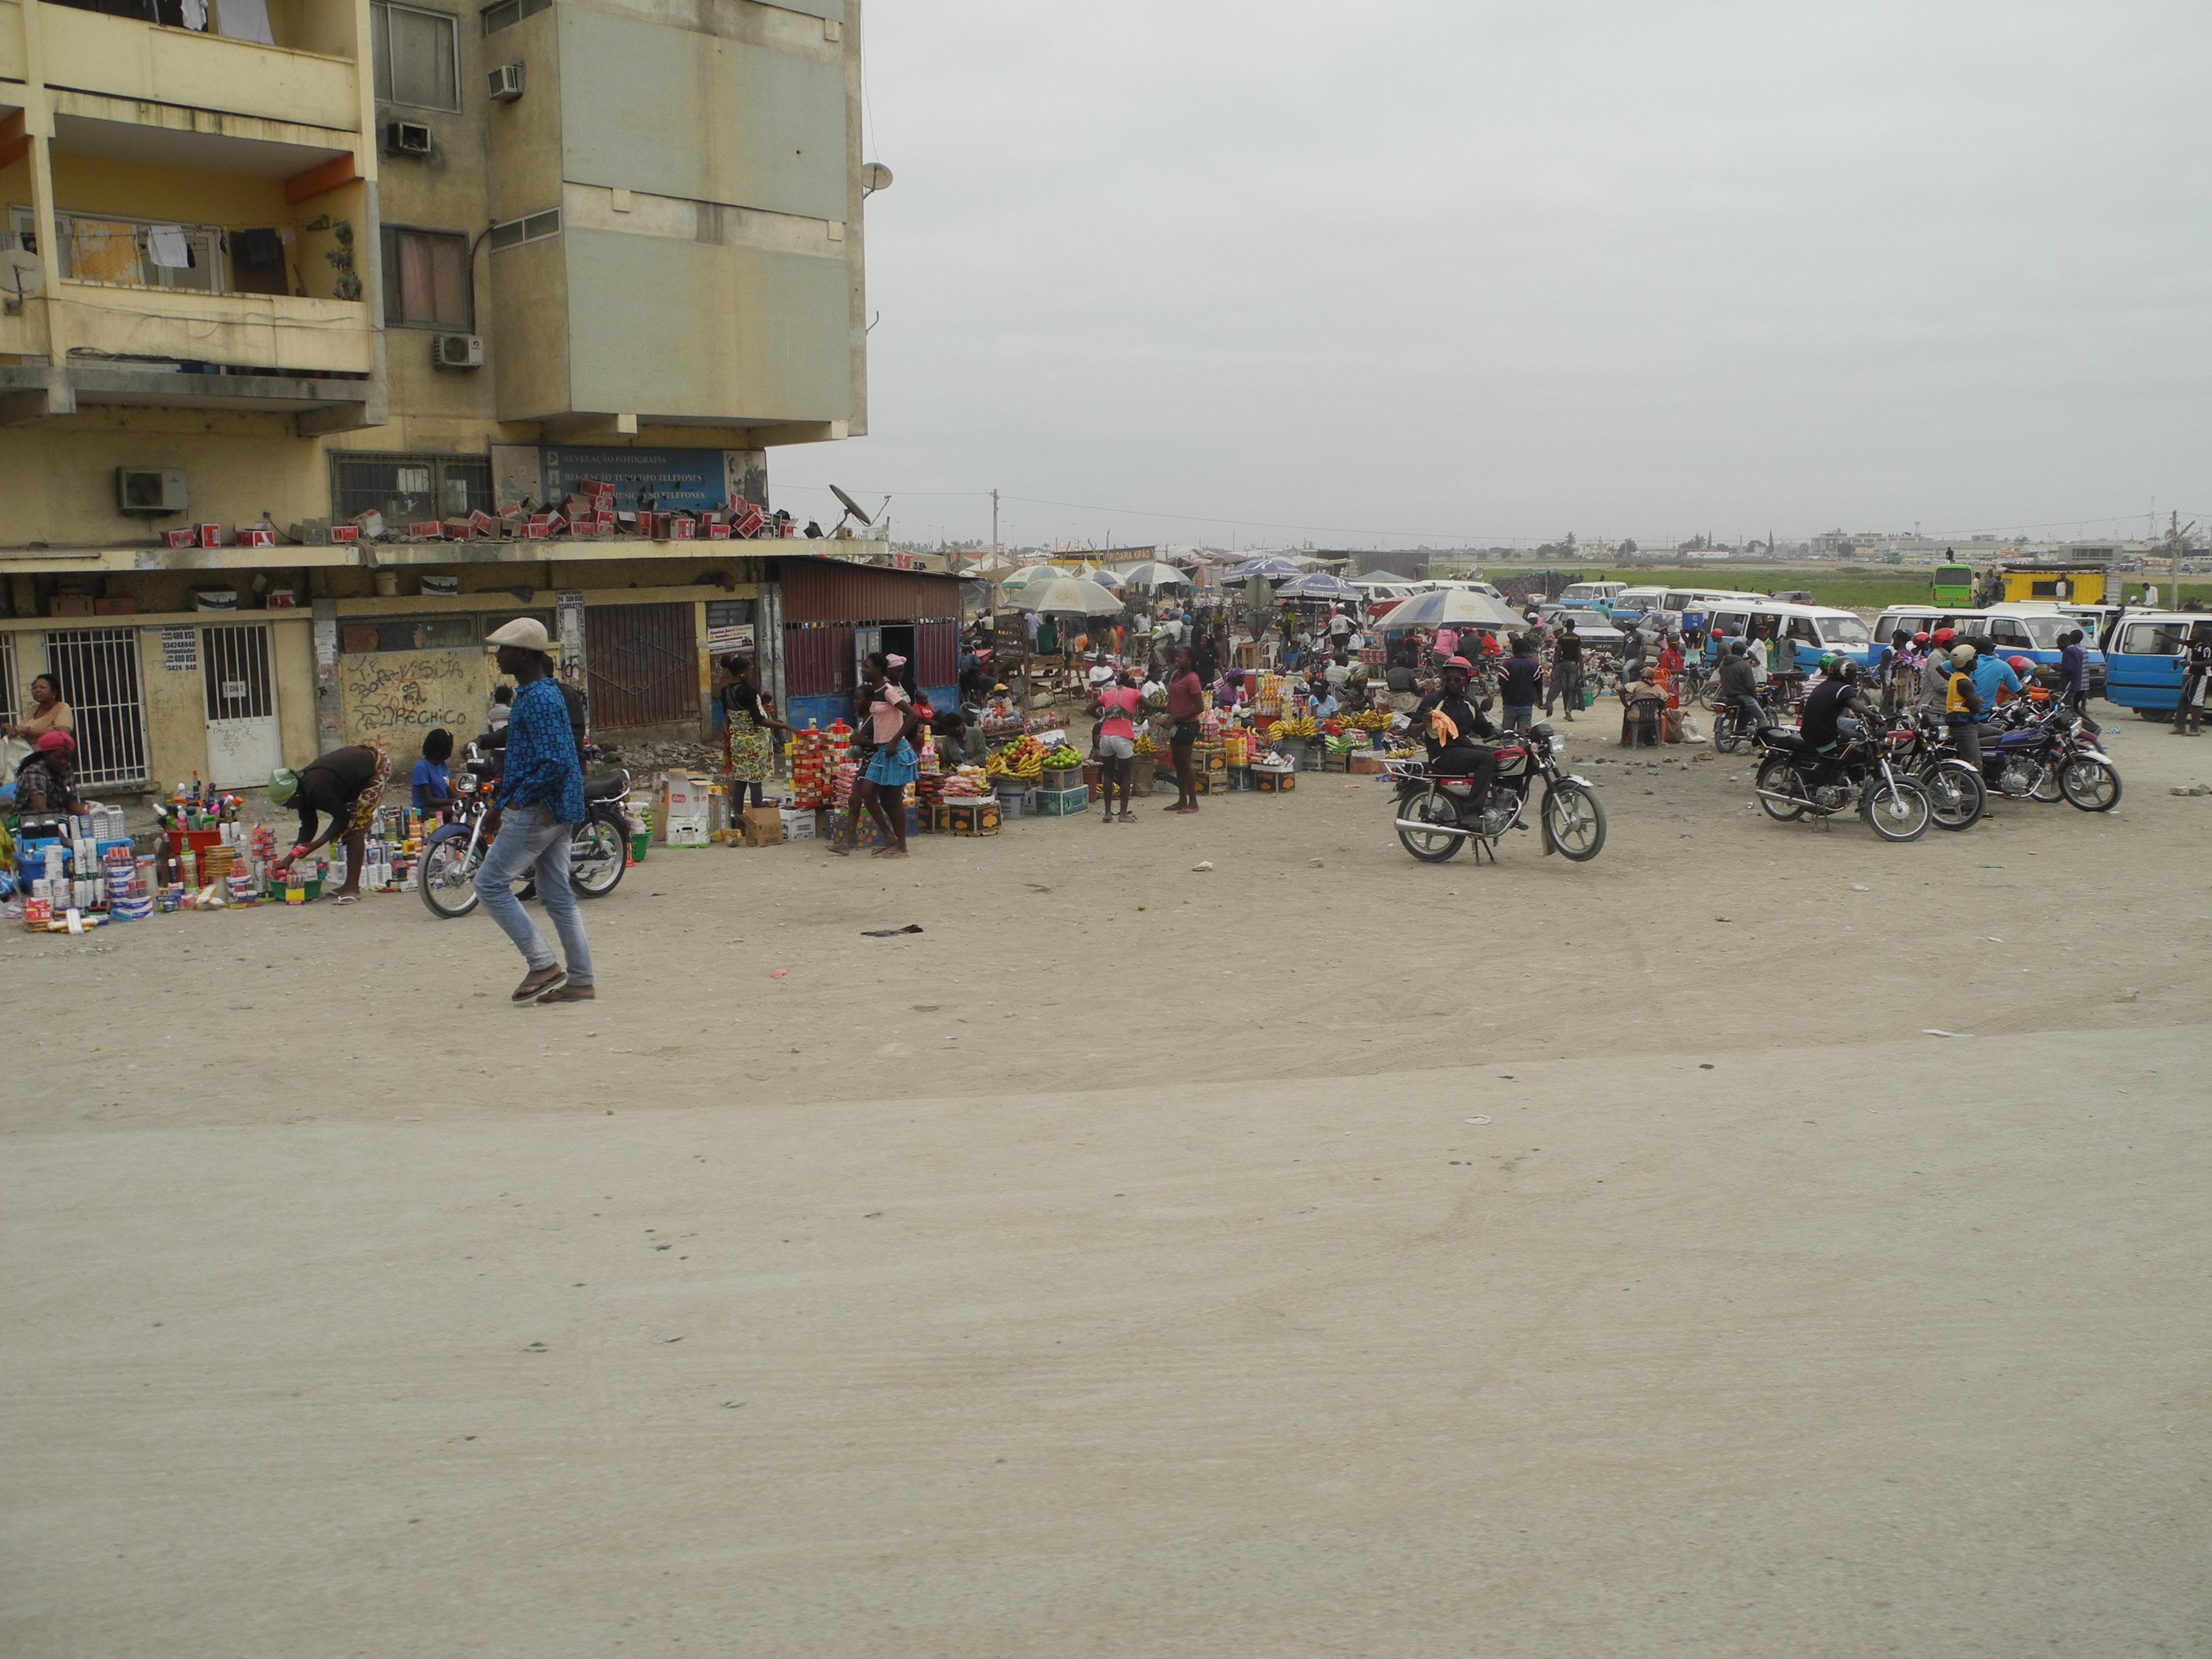 Plano director municipal de lobito angola DSCN4770